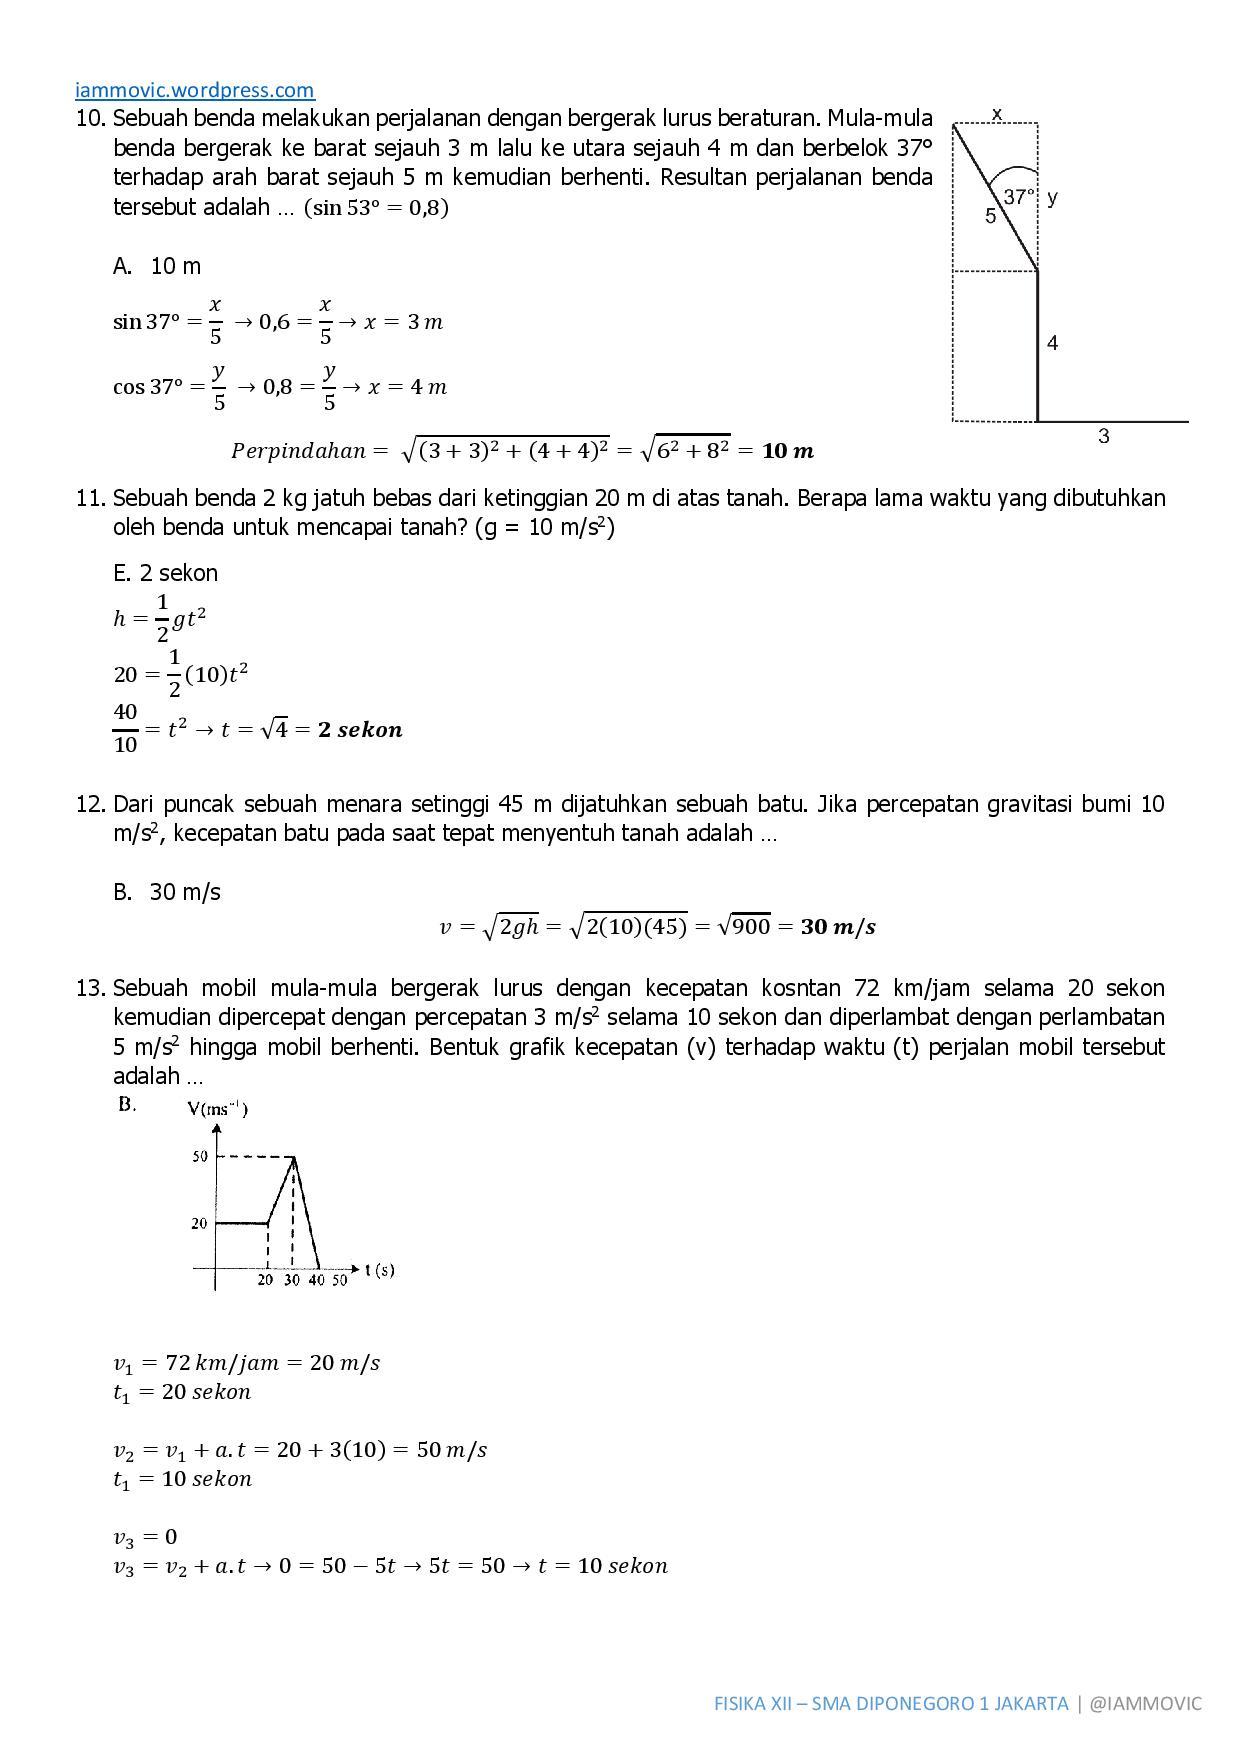 Pembahasan Soal Uas Fisika Kelas Xii Semester 1 2014 Iammovic